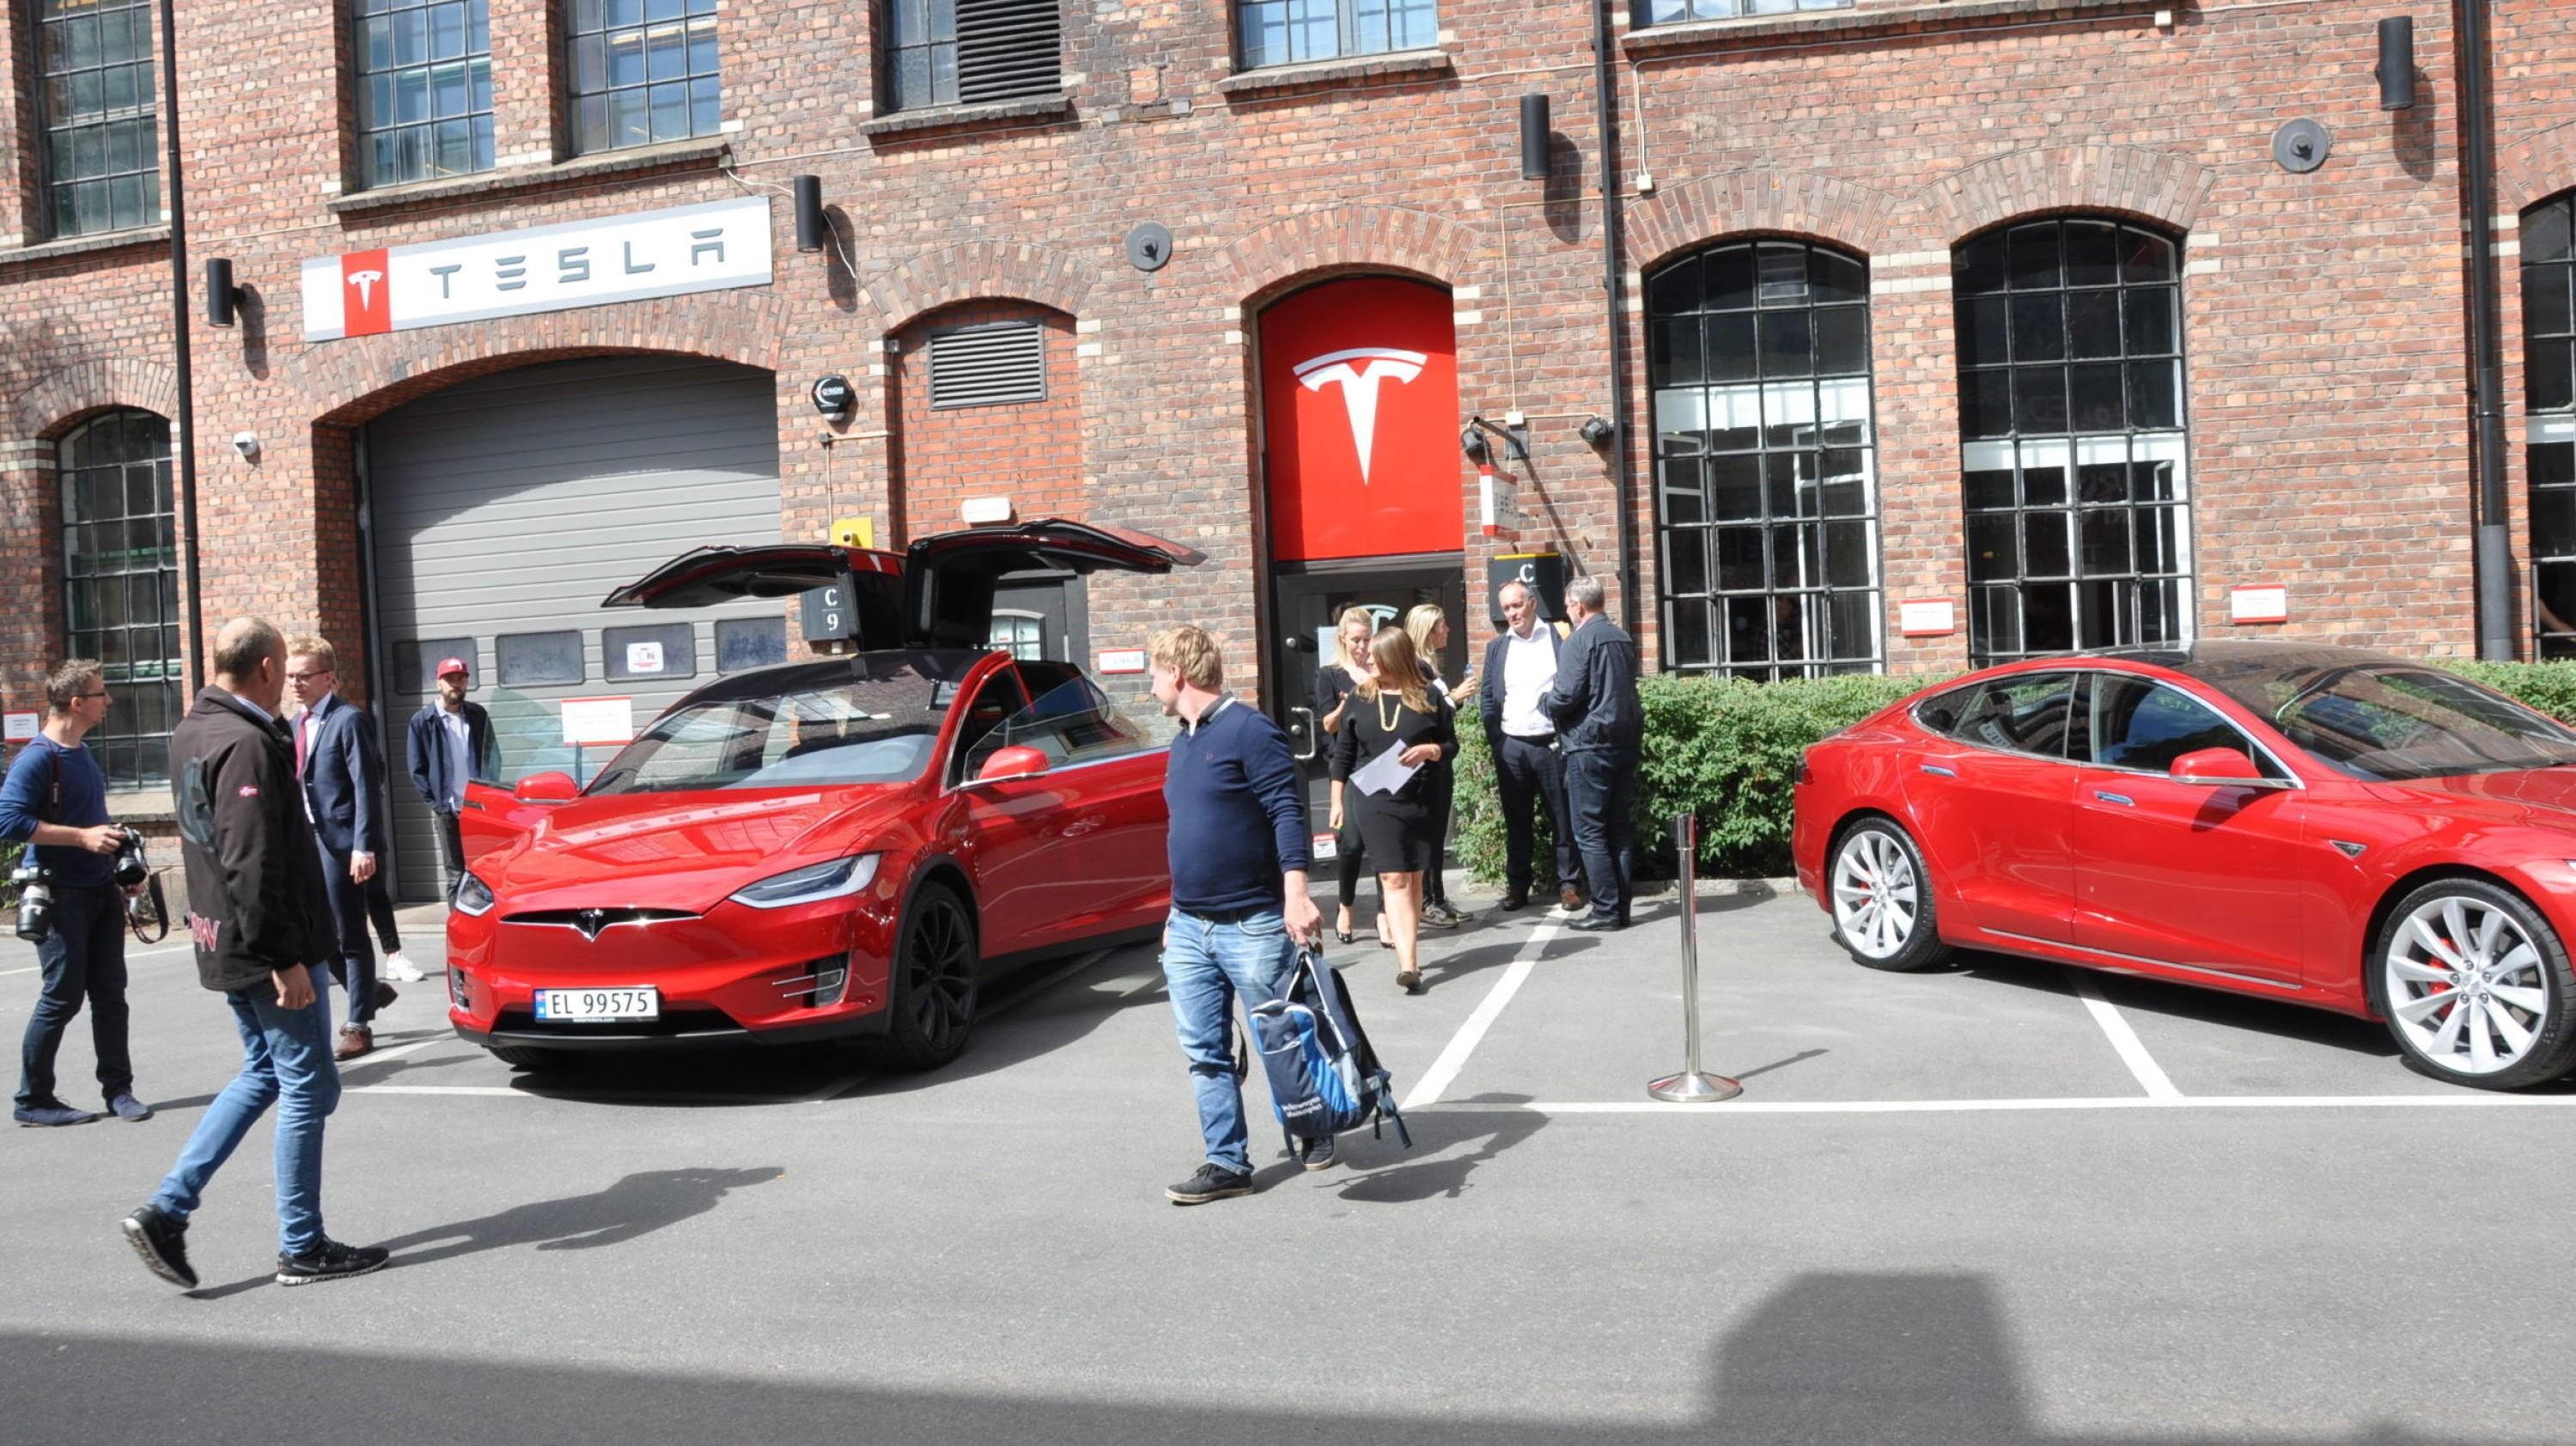 ØKTE SALGET MED 94%: Tesla har nok å gjøre – selv om de ikke har fått på plass volummodellen, Model 3, enda. Faktisk har man økt salget i Norge med hele 94 prosent, sammenlignet med samme periode i fjor.